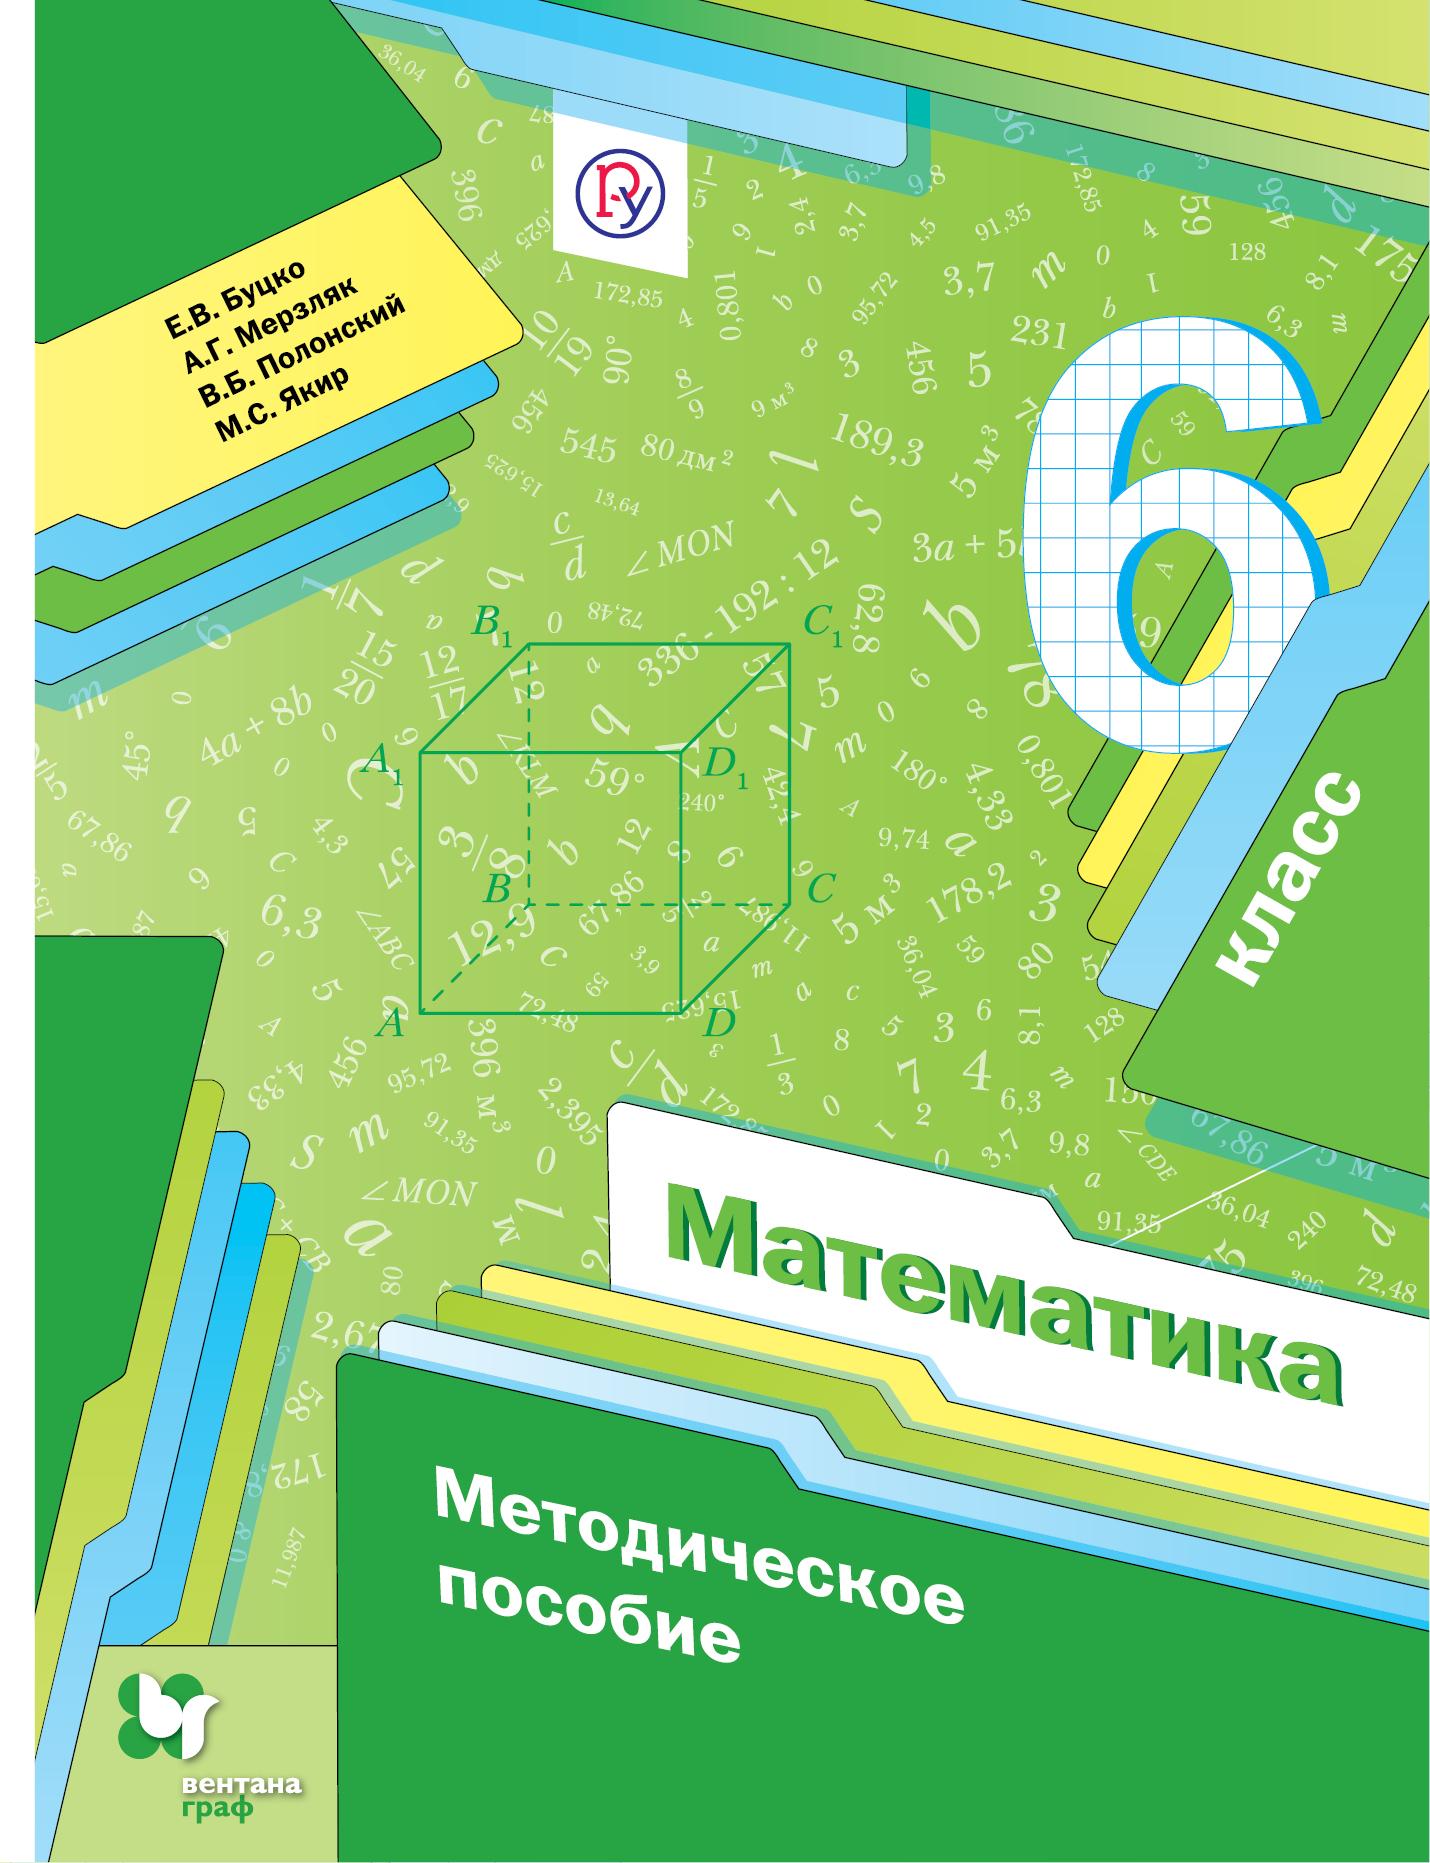 Математика. 6класс. Методическое пособие. от book24.ru